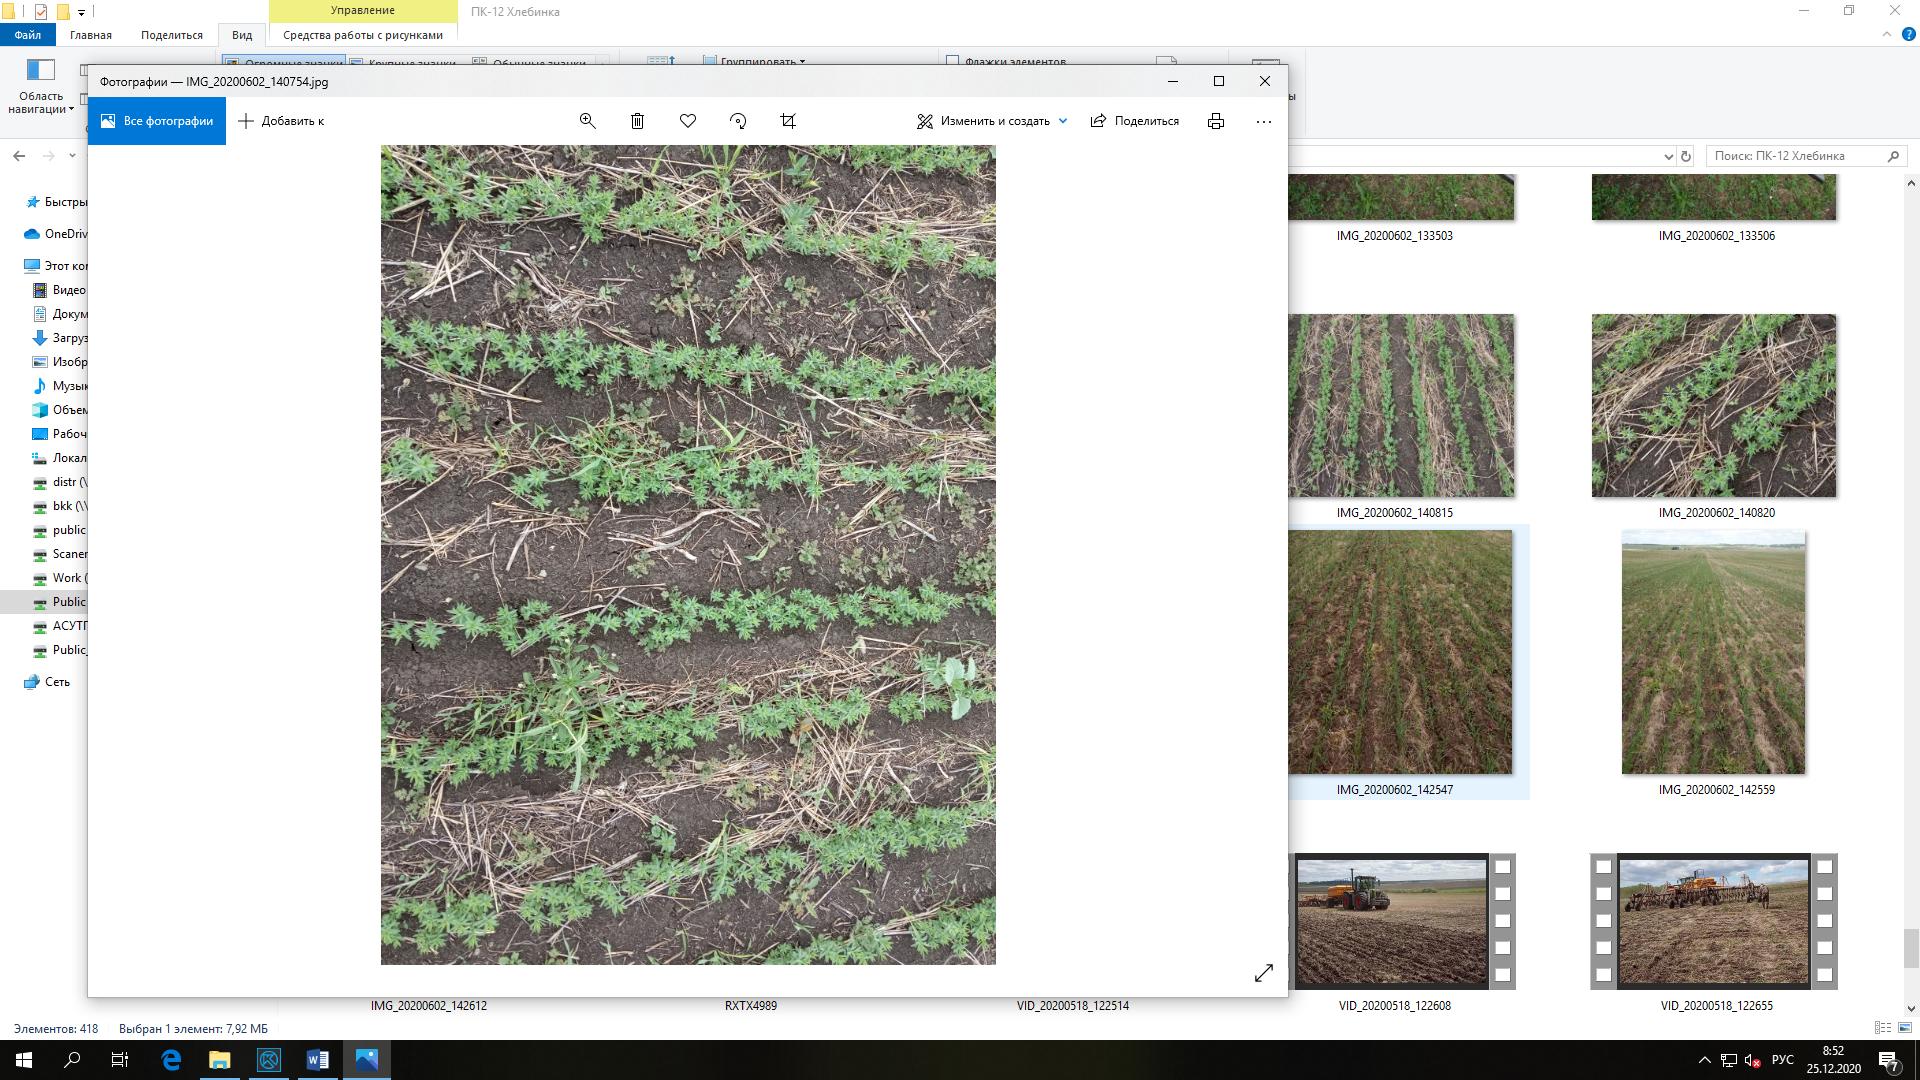 word image 1223 Разработка конструктивной схемы и обоснование параметров почвообрабатывающего посевного агрегата с пневматическим высевом семян для тракторов класса тяги 5